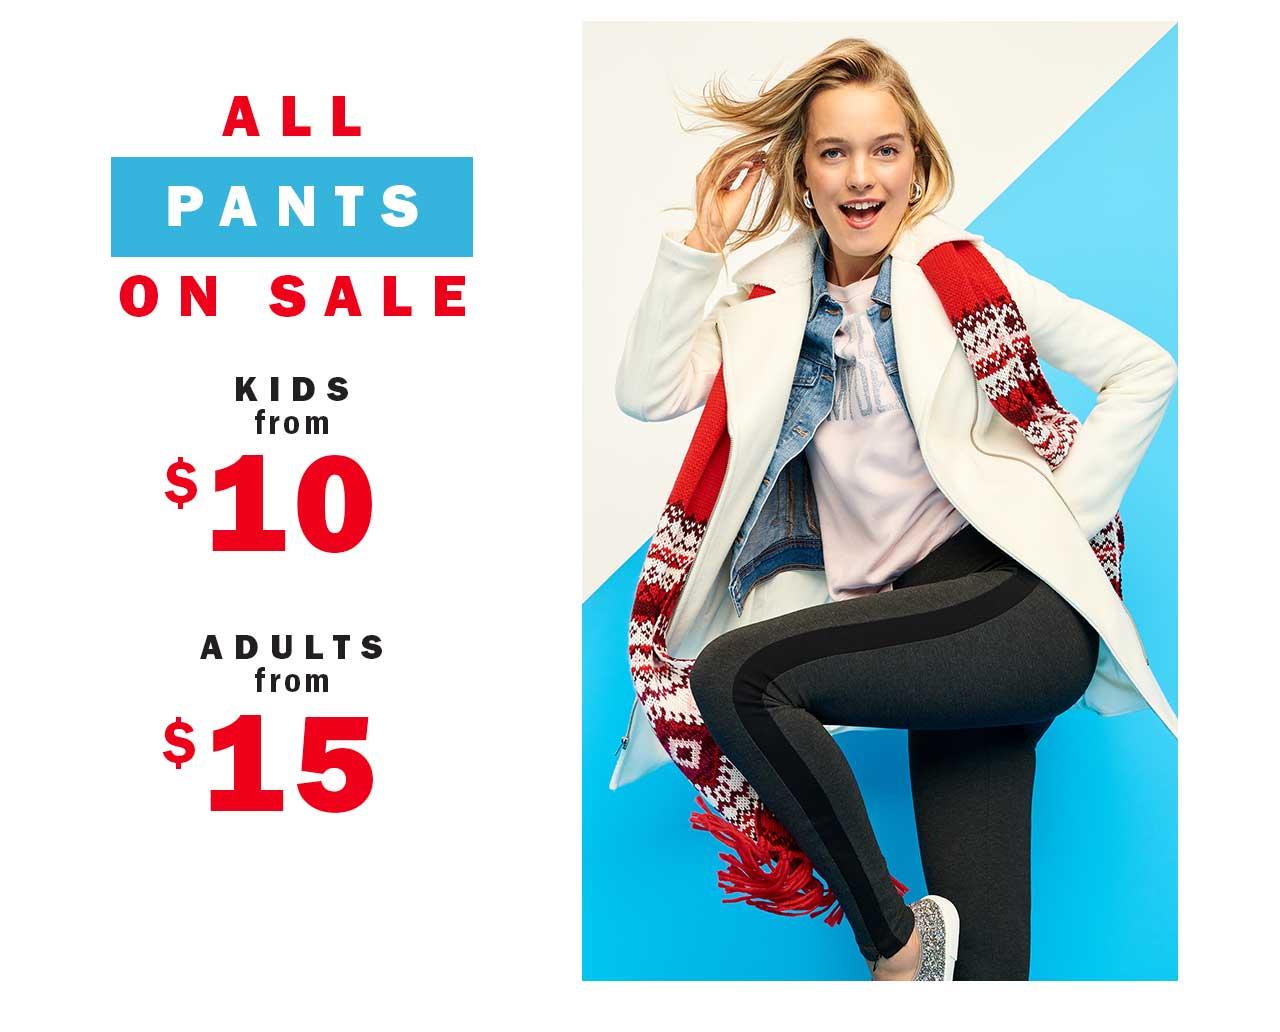 All pants on sale